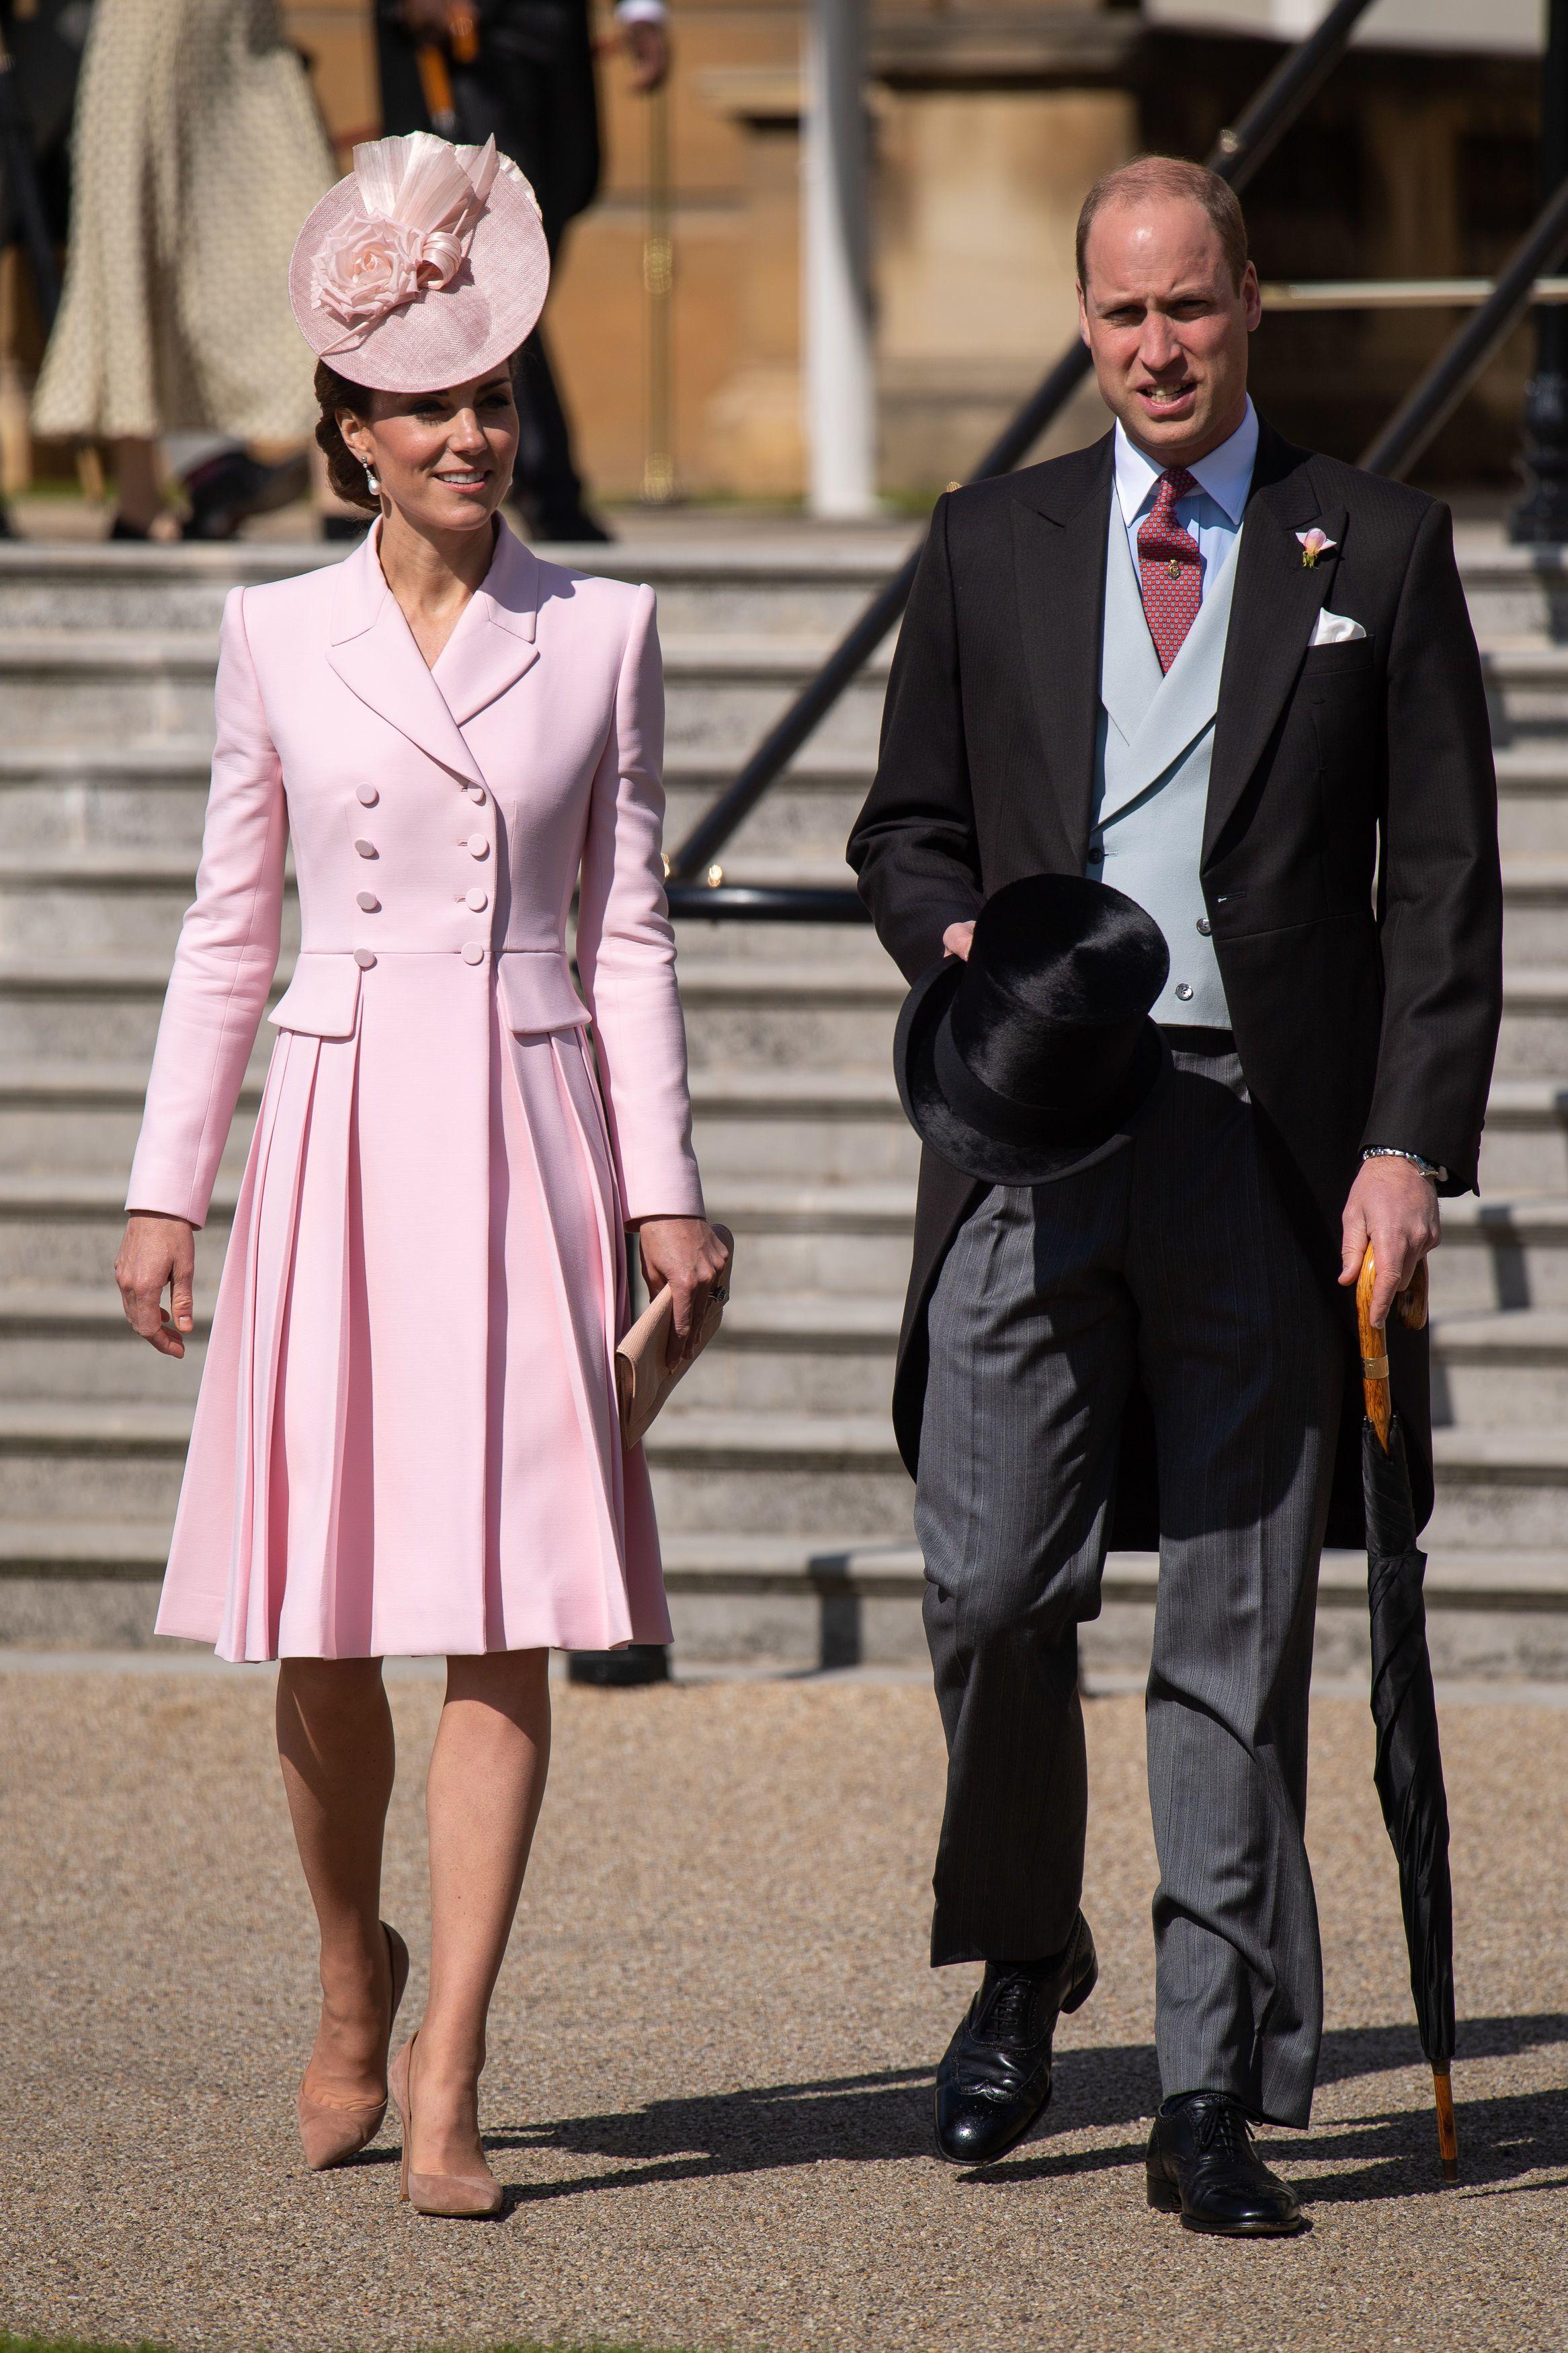 Biểu tượng thời trang 2010s Kate Middleton diện đầm hồng cổ điển và mũ lệch cùng tông màu